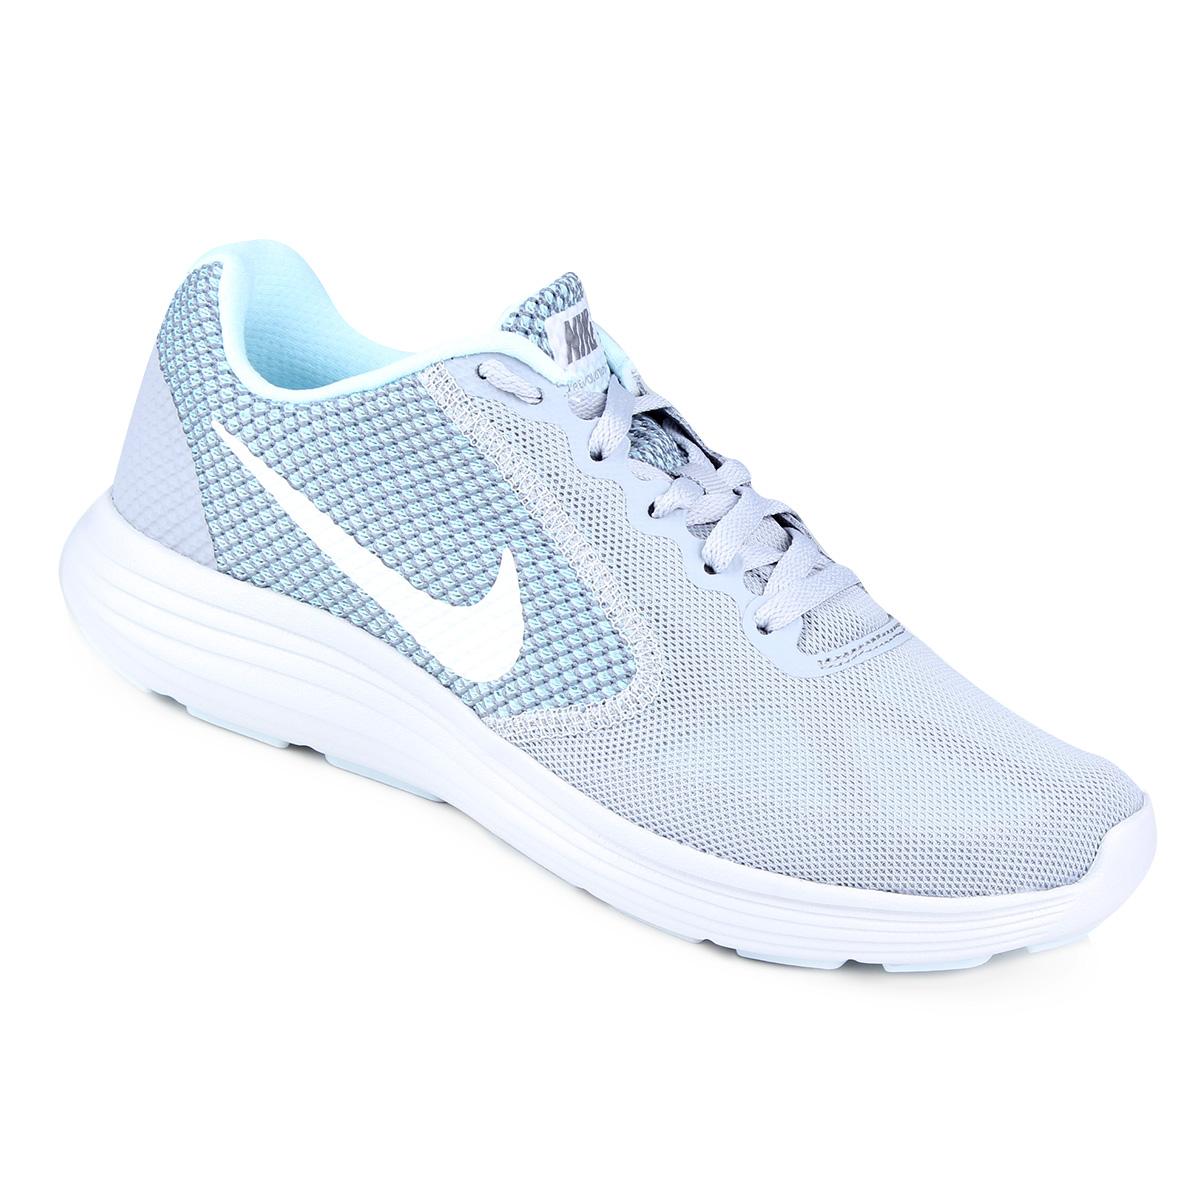 tenis nike revolution - Netshoes - Tênis Nike Revolution 3 - R$169,90